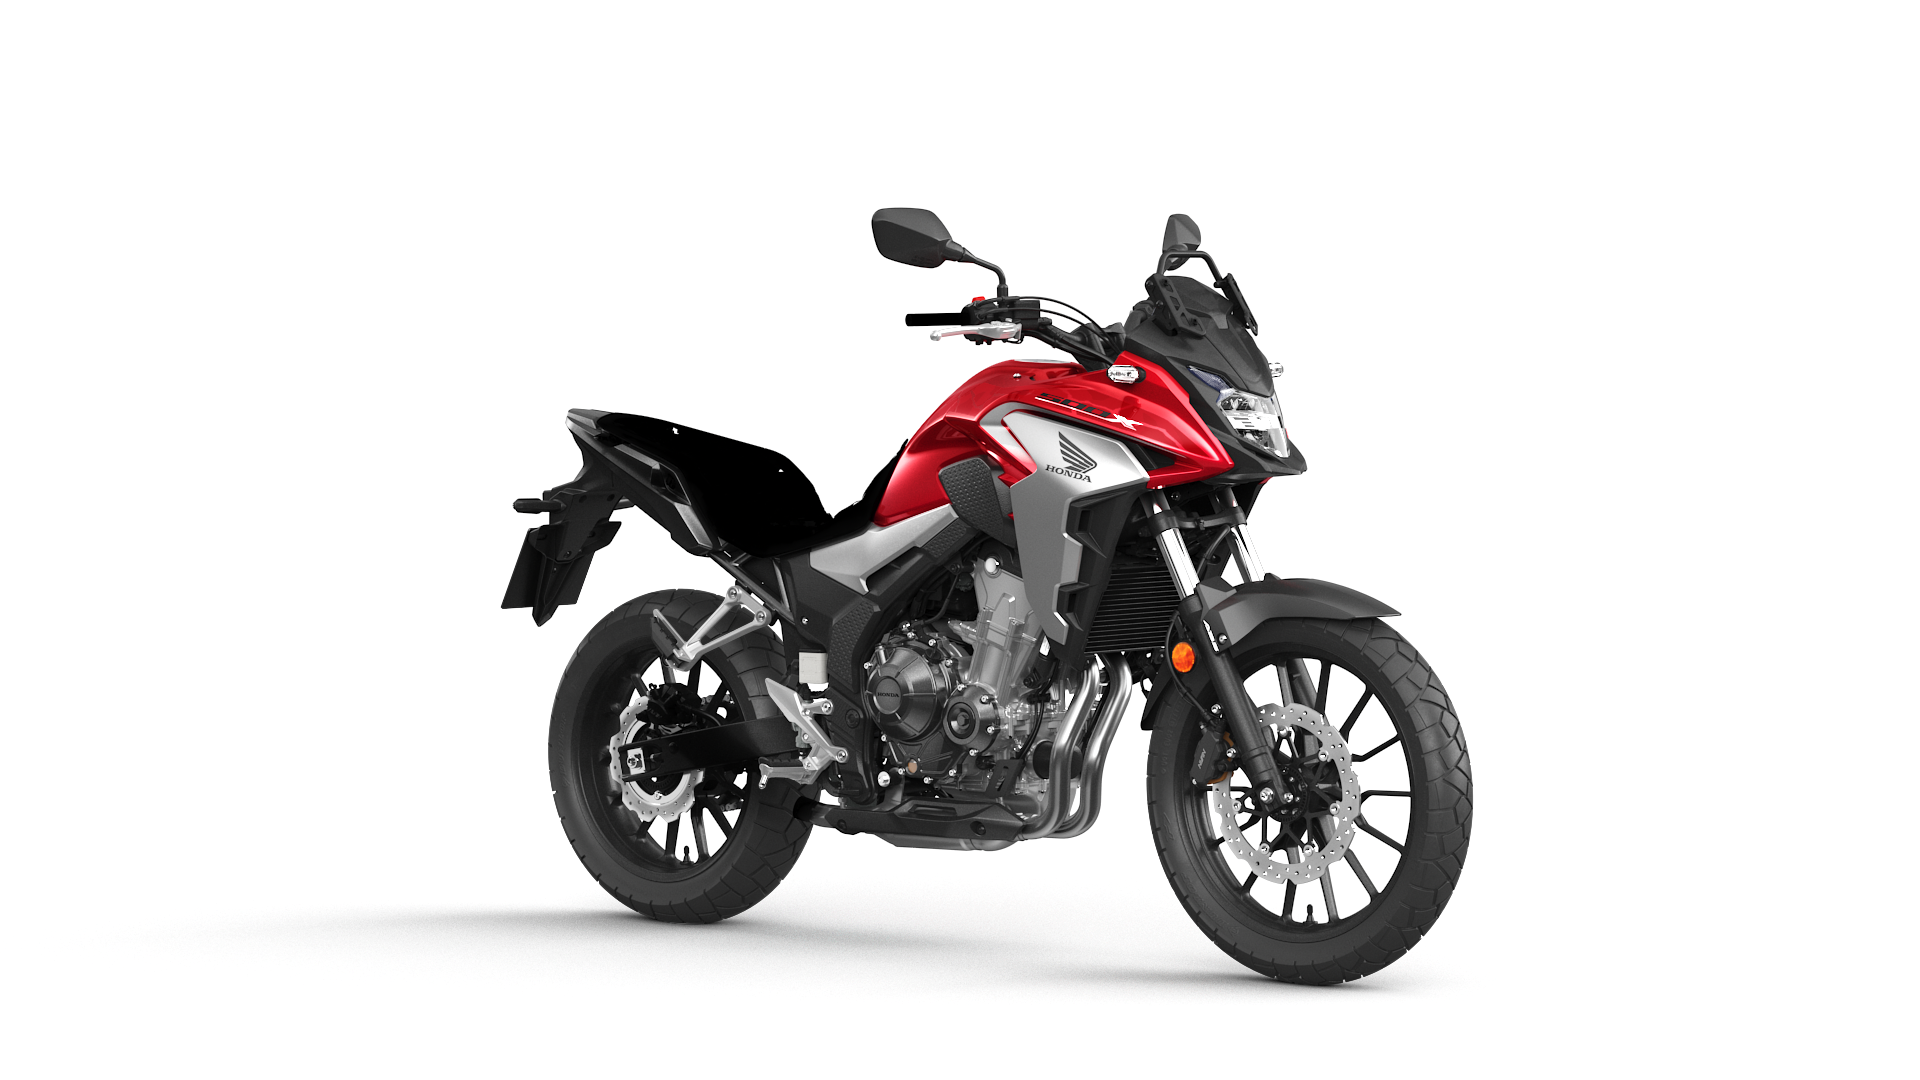 Honda cb 500 x 2019